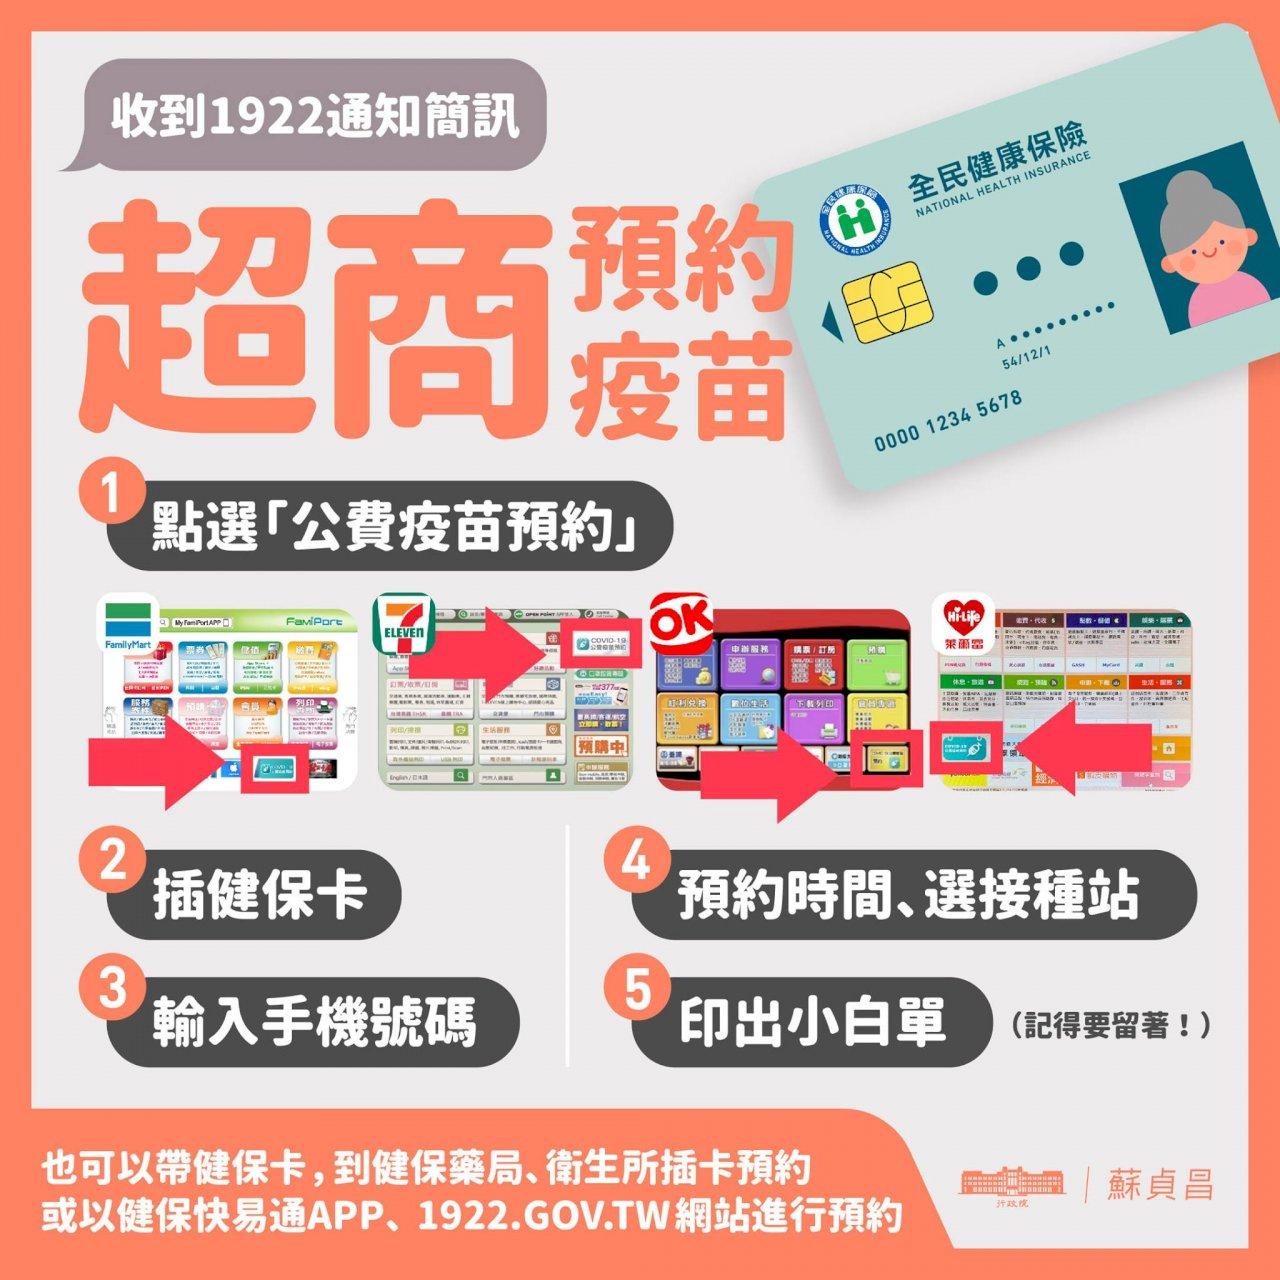 疫苗接種預約起跑 蘇貞昌臉書教學